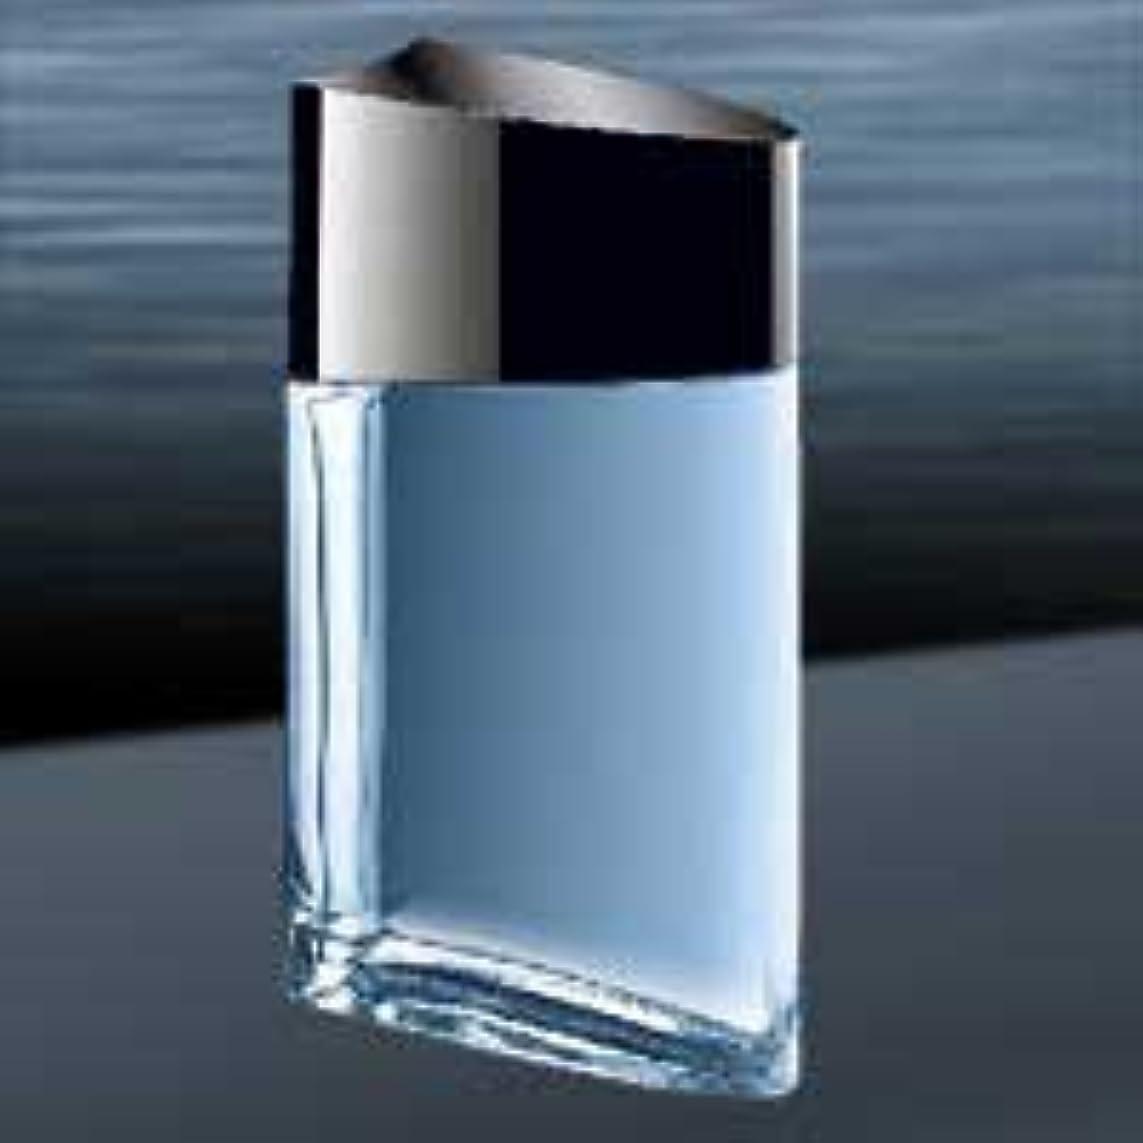 モチーフなだめるマニアックAzzaro Visit(アザロビジット) 3.4 oz (100ml) EDT Spray by Loris Azzaro for Men